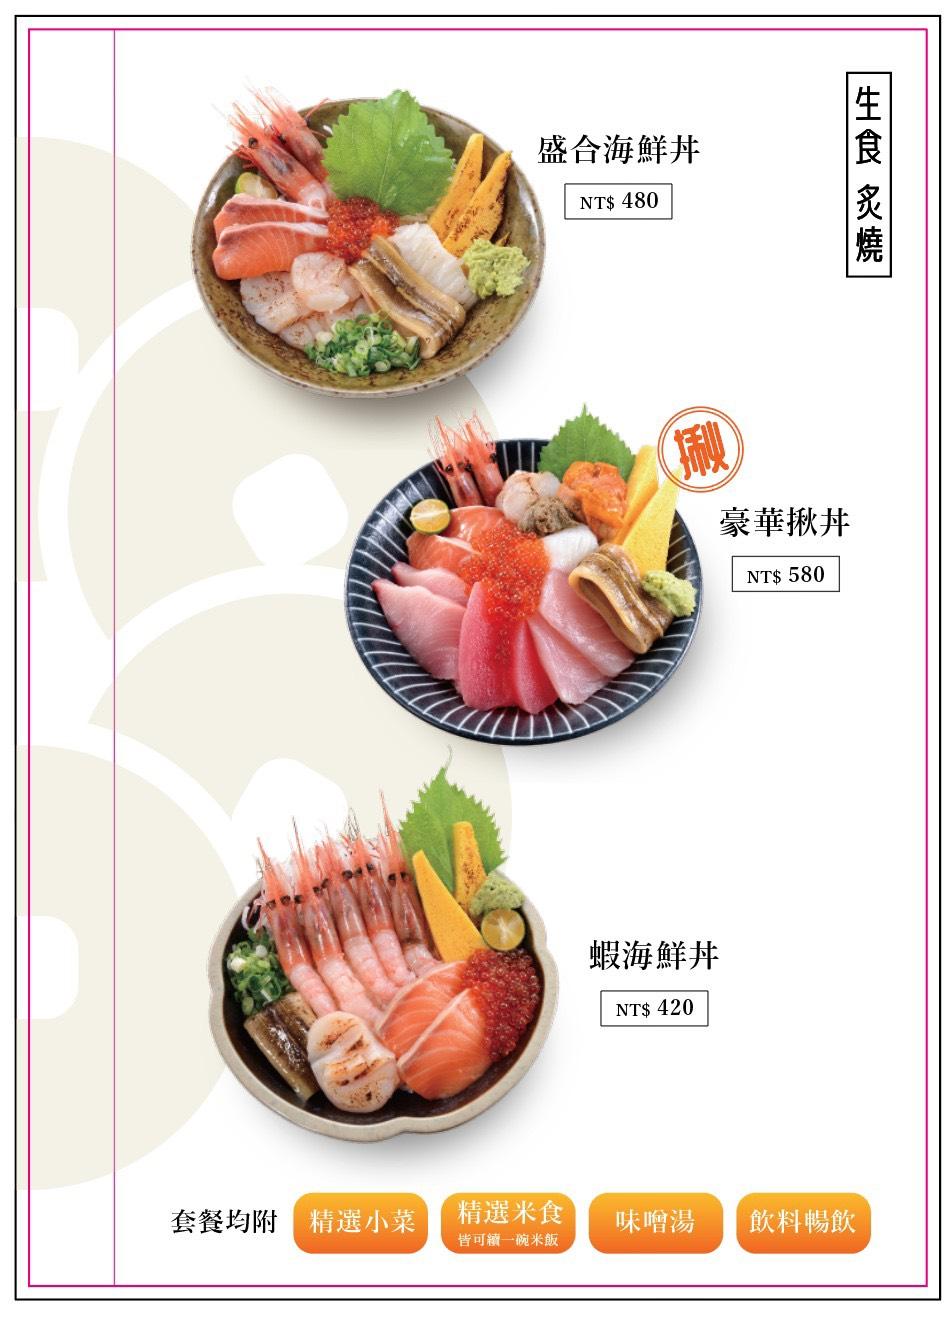 桃園美食,桃園att美食,att筷食尚,桃園火車站,鬥牛士二鍋新品牌,炸牛排,炙燒鮭魚干貝丼,炸豬排,炸牛排,